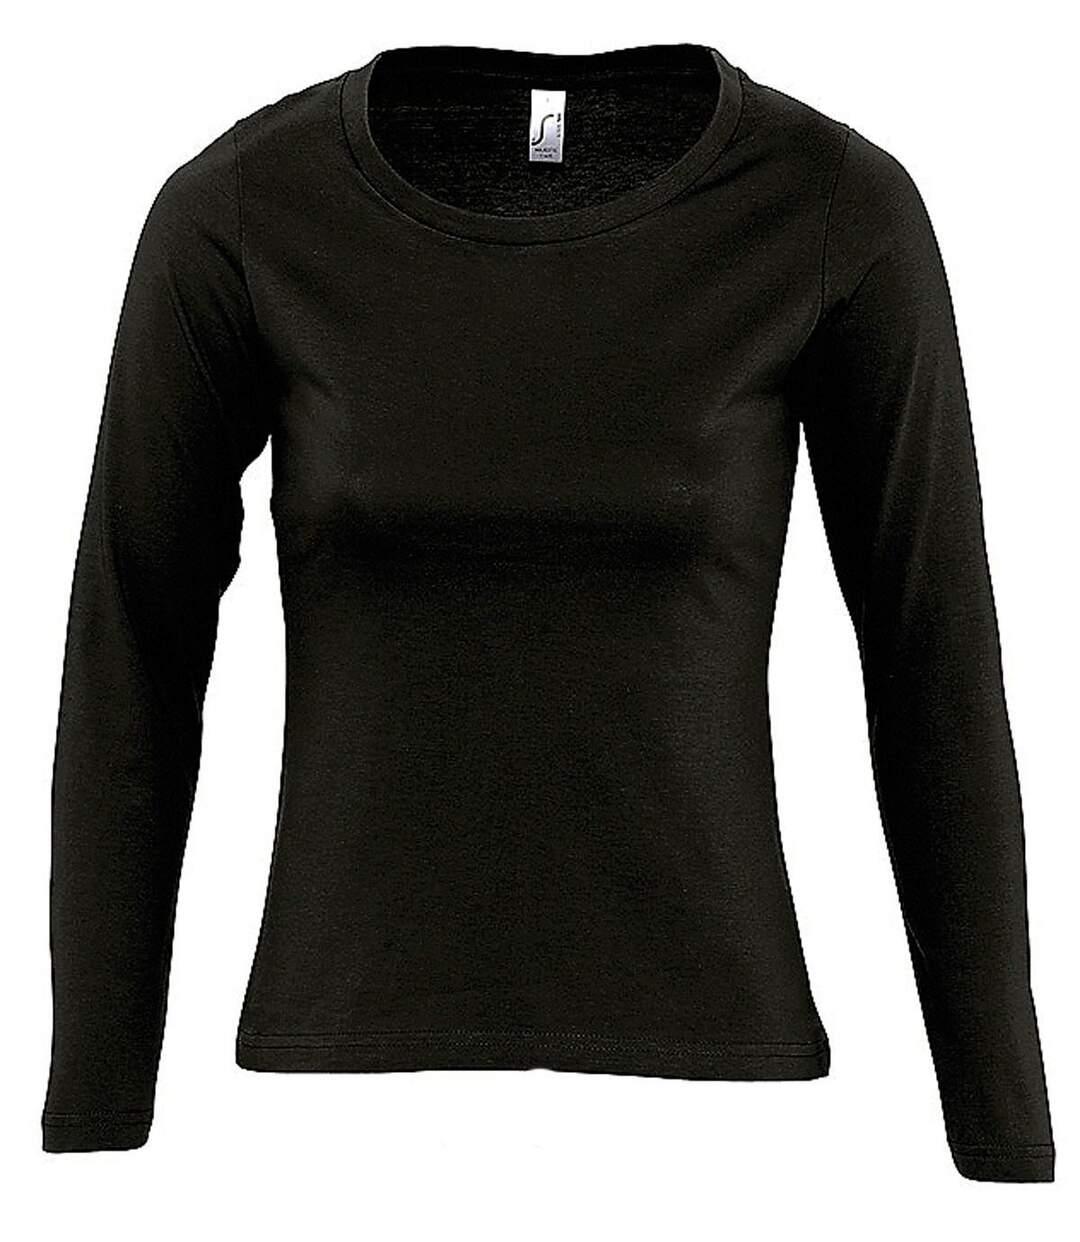 Dégagement T-shirt manches longues FEMME 11425 noir dsf.d455nksdKLFHG